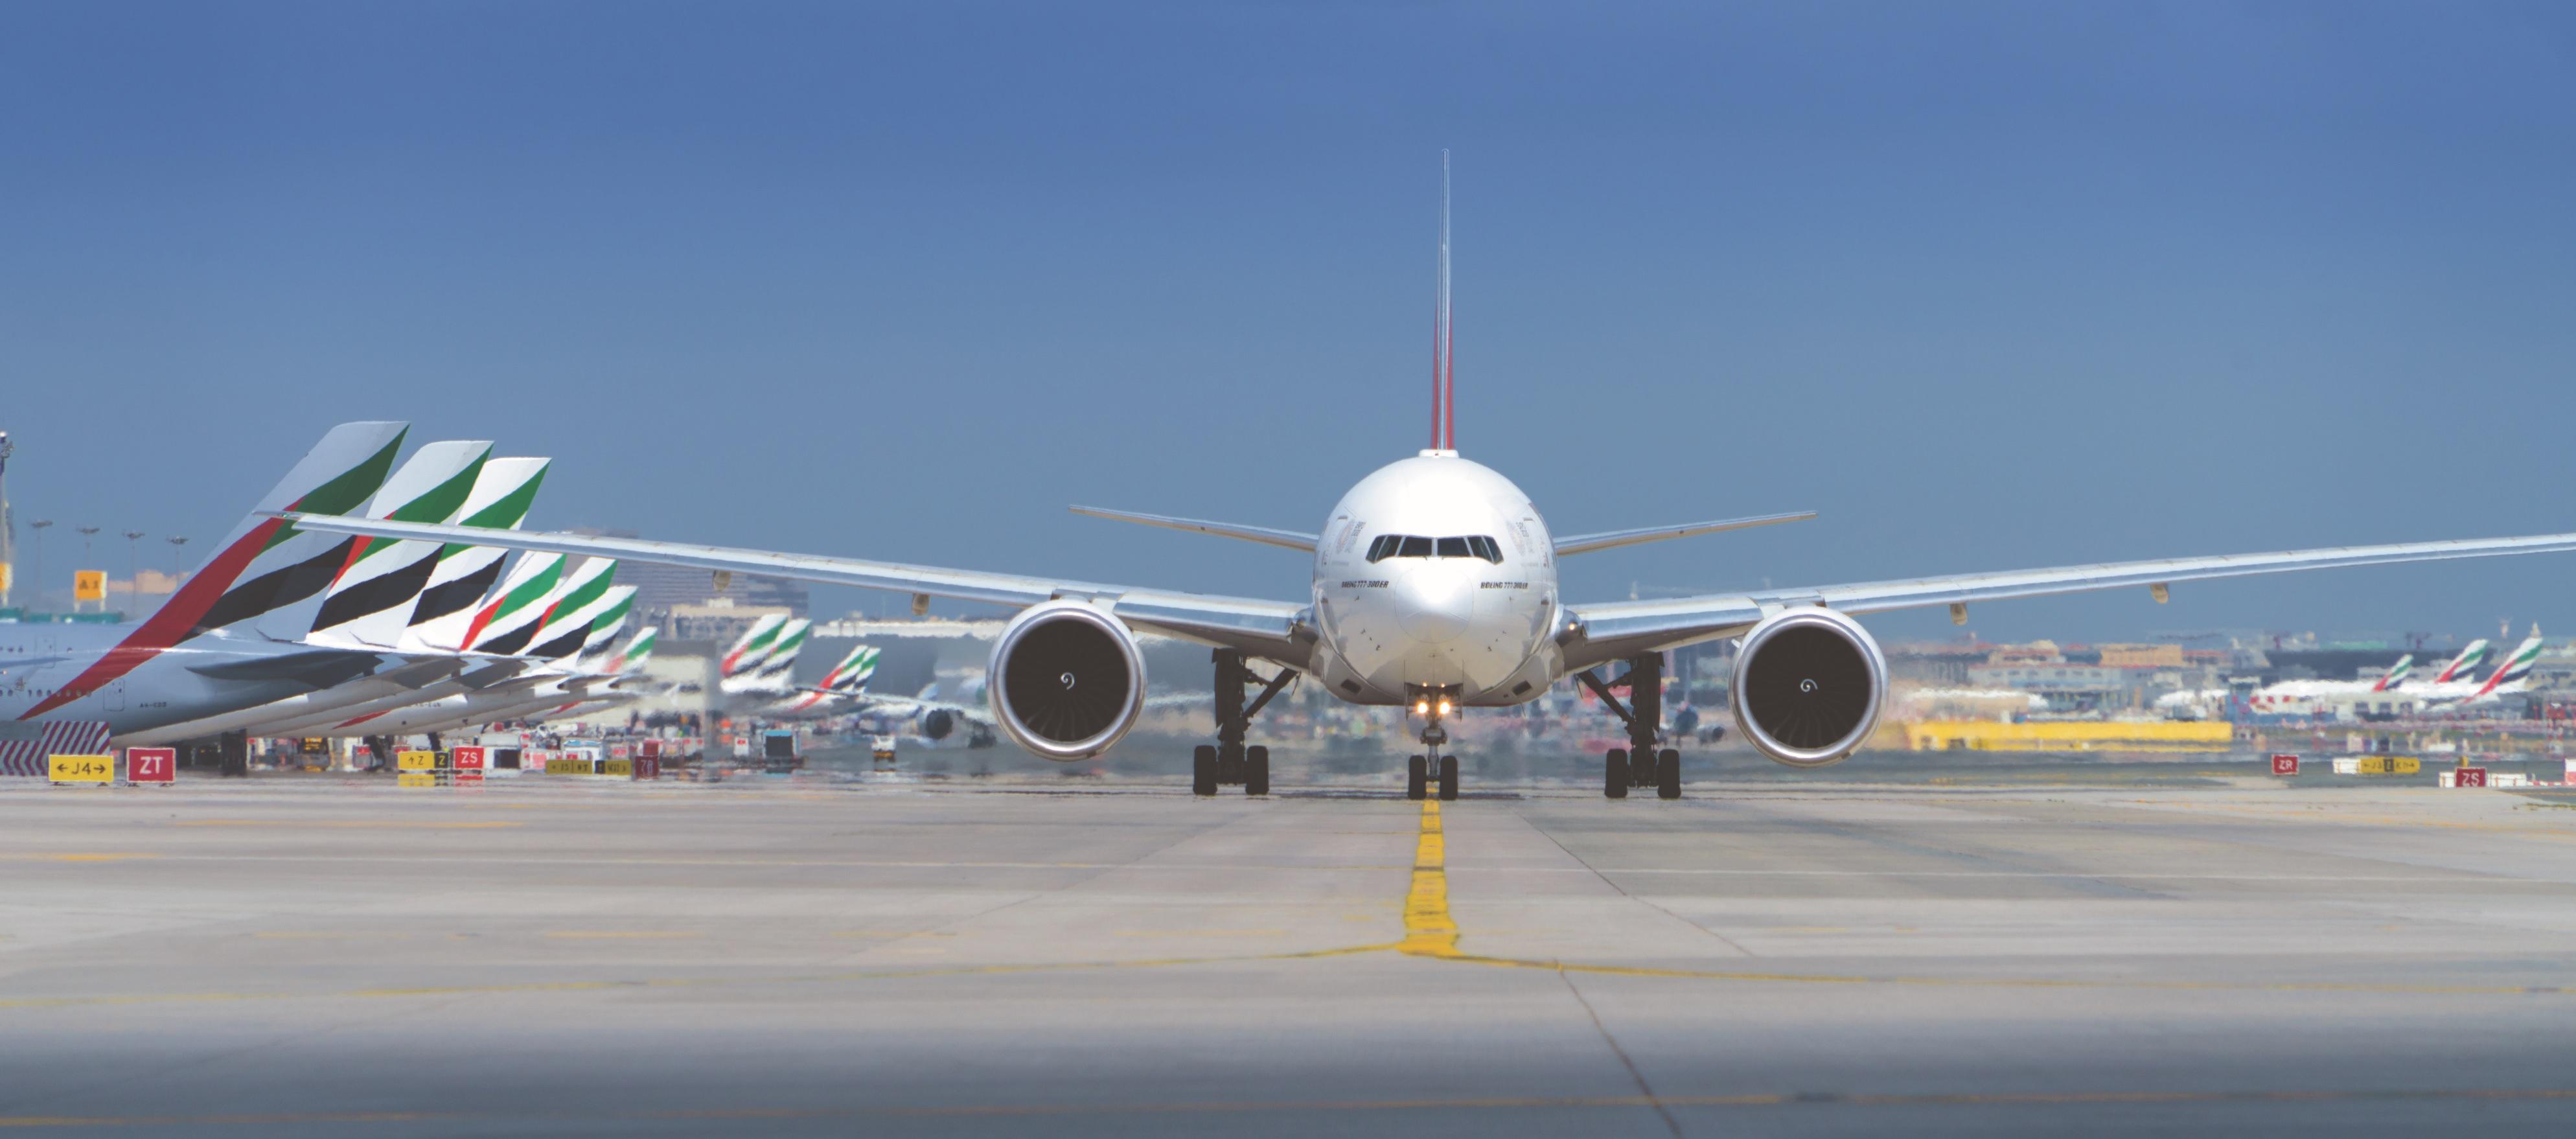 كونا : (الإماراتية) تحقق ارباحا بقيمة 237 مليون دولار في